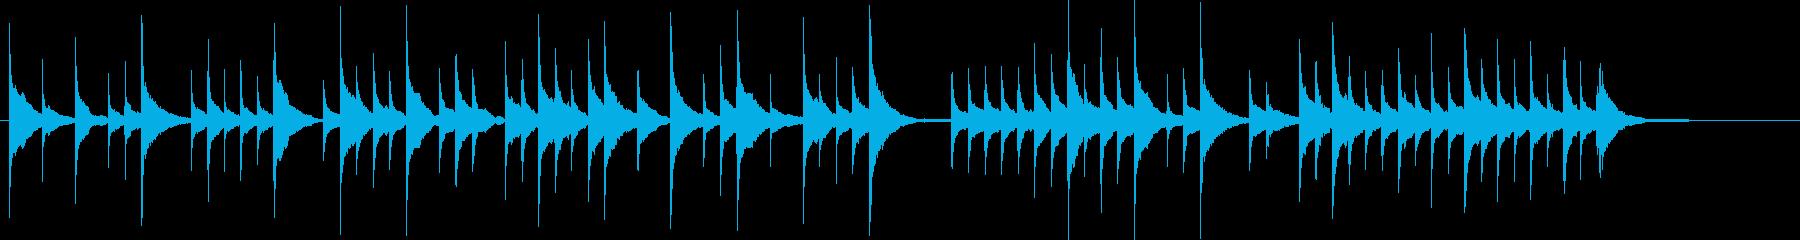 おやすみなさいのオルゴールジングルの再生済みの波形